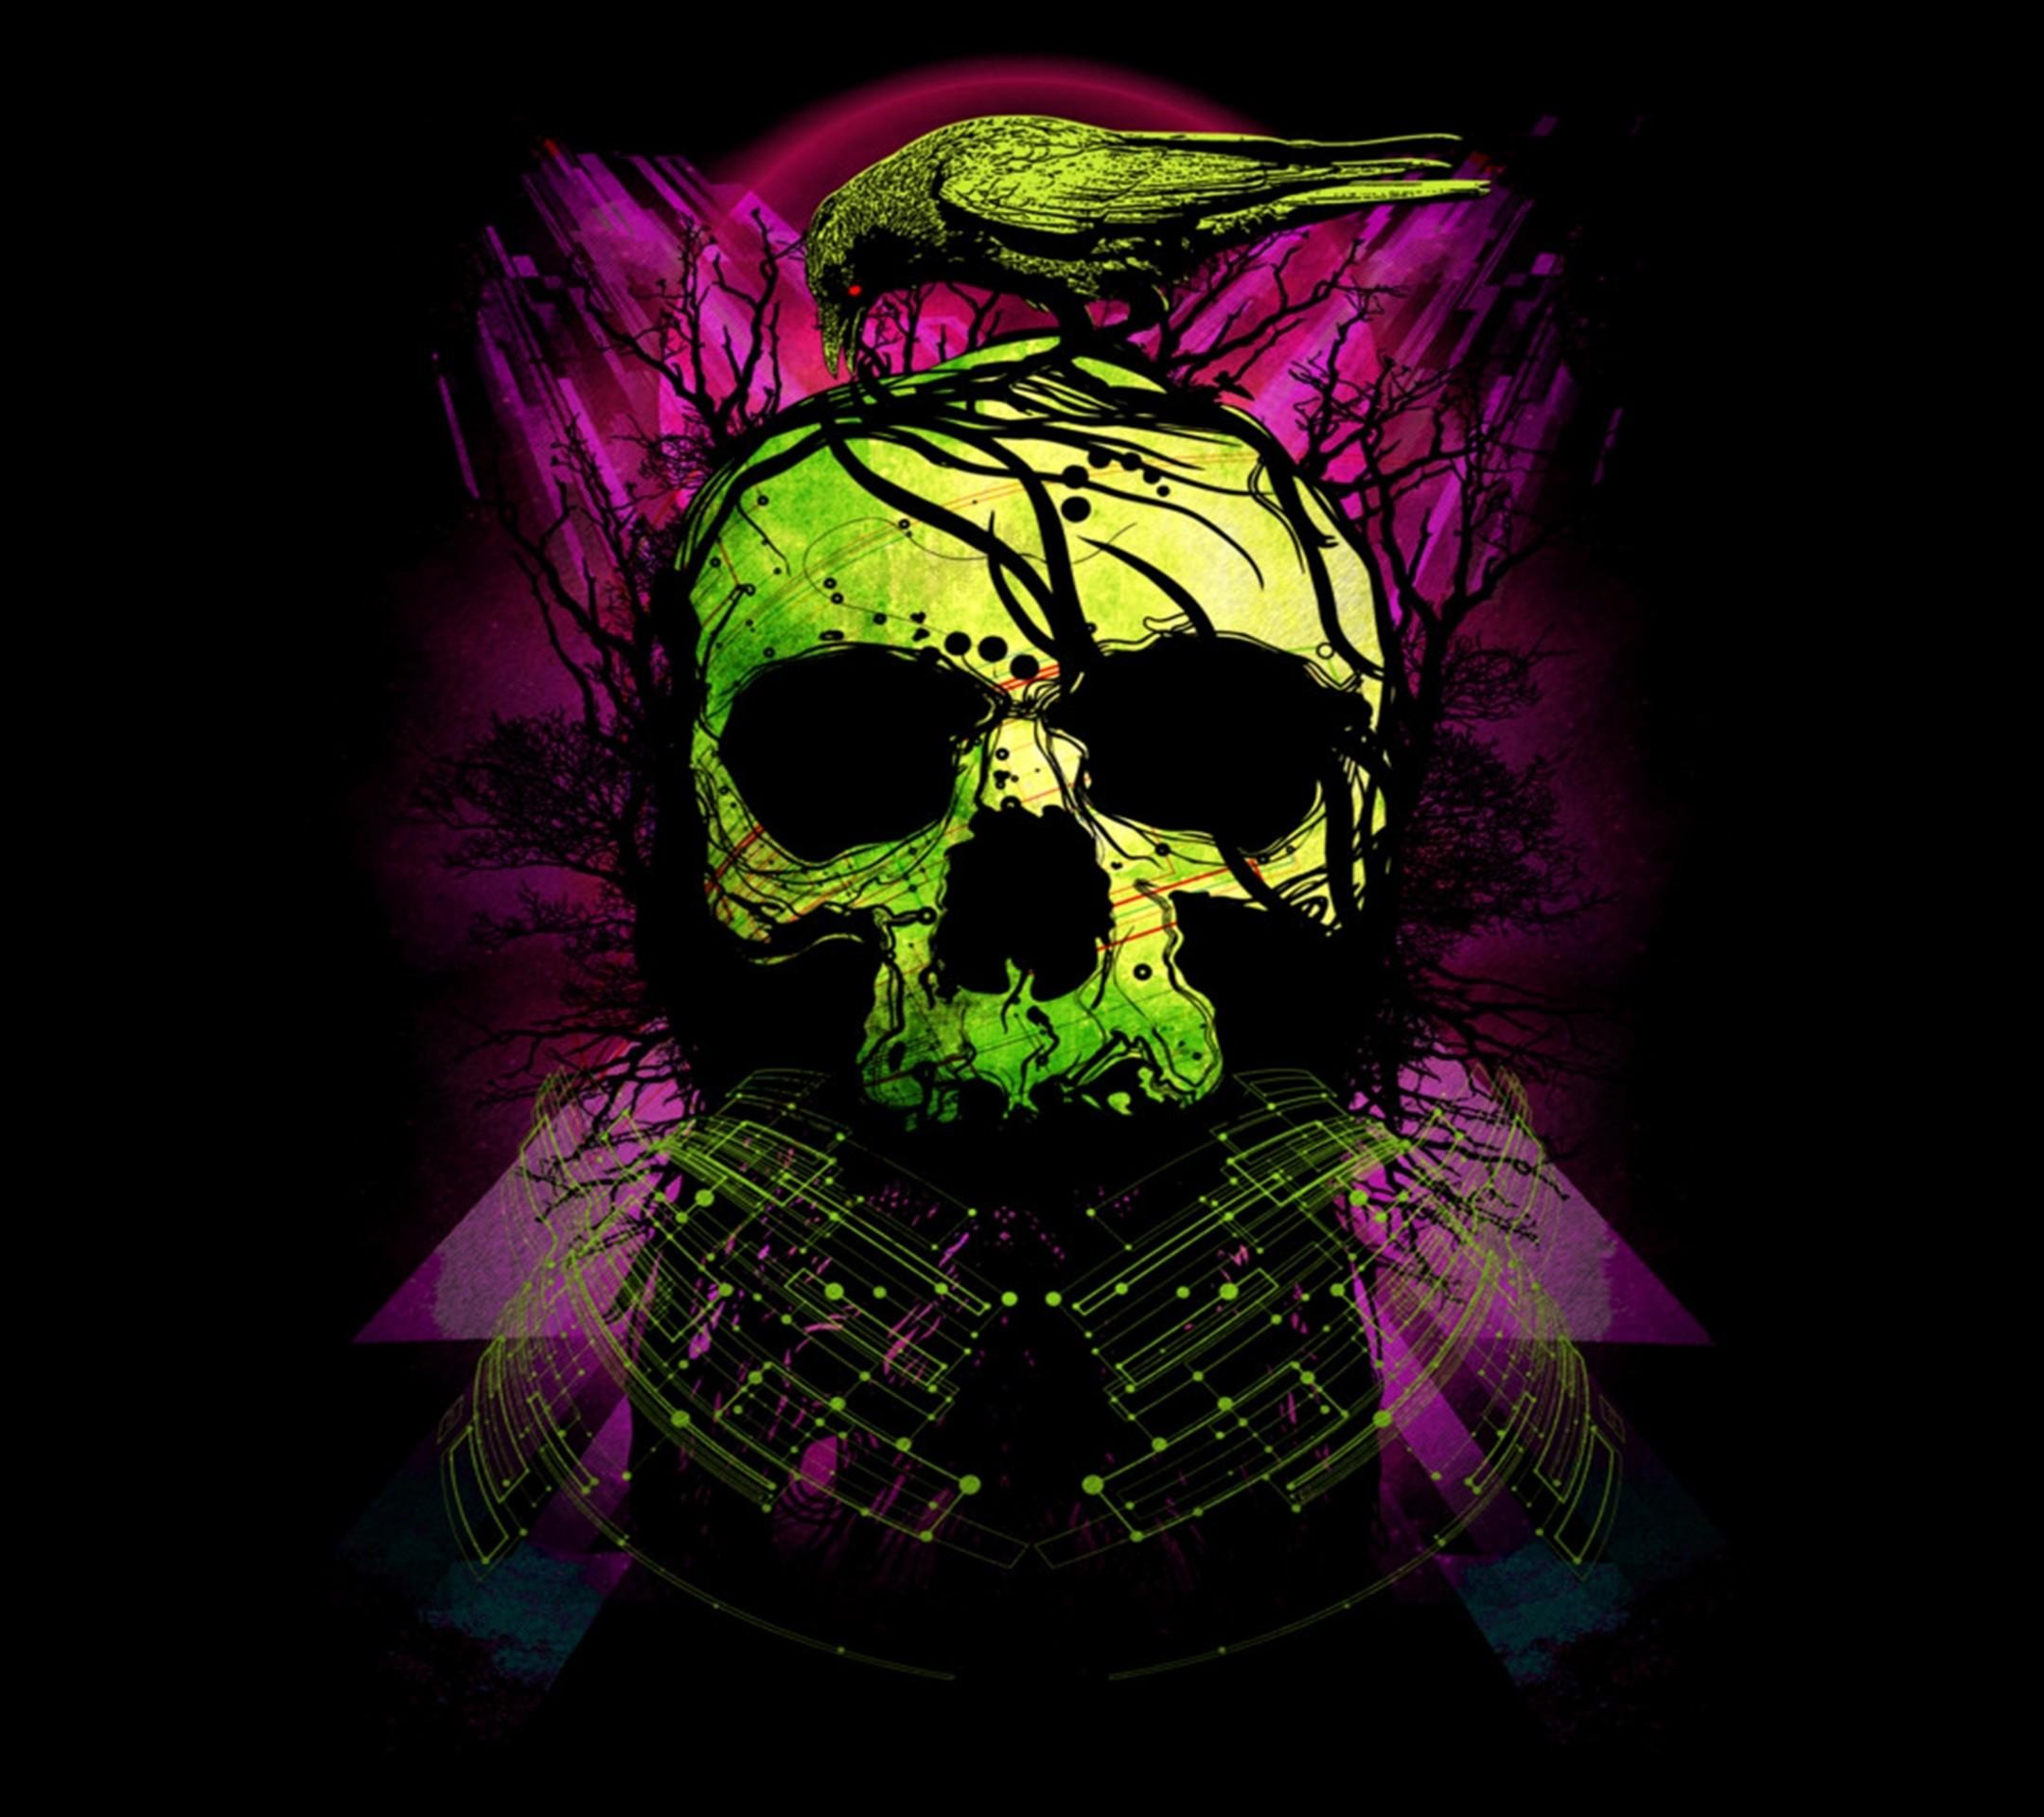 Skull wallpapers for desktop wallpapertag - Skeleton wallpaper ...